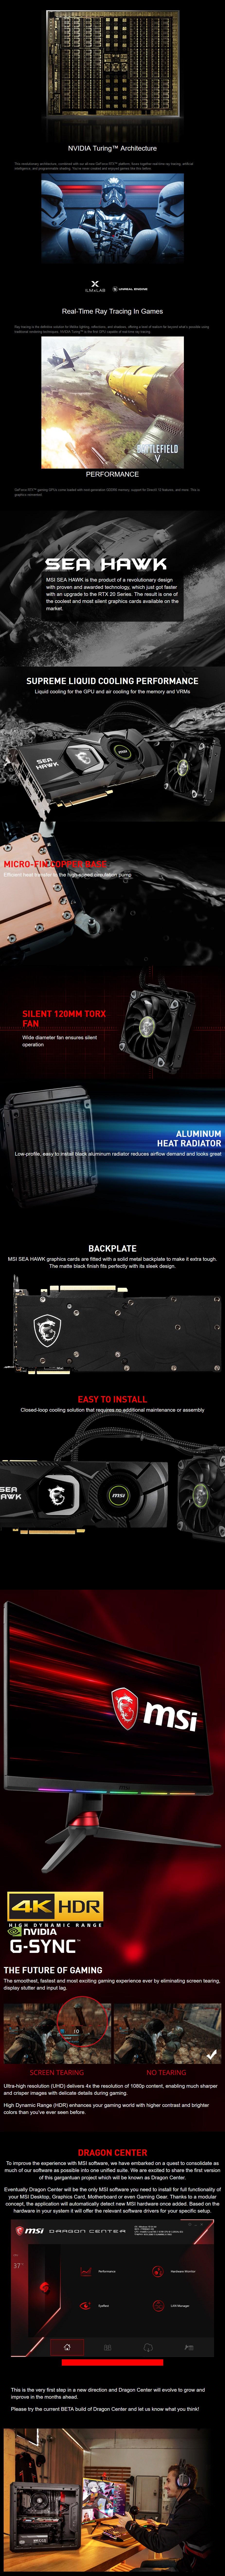 MSI GeForce RTX 2080 Sea Hawk X 8GB Video Card - Desktop Overview 1